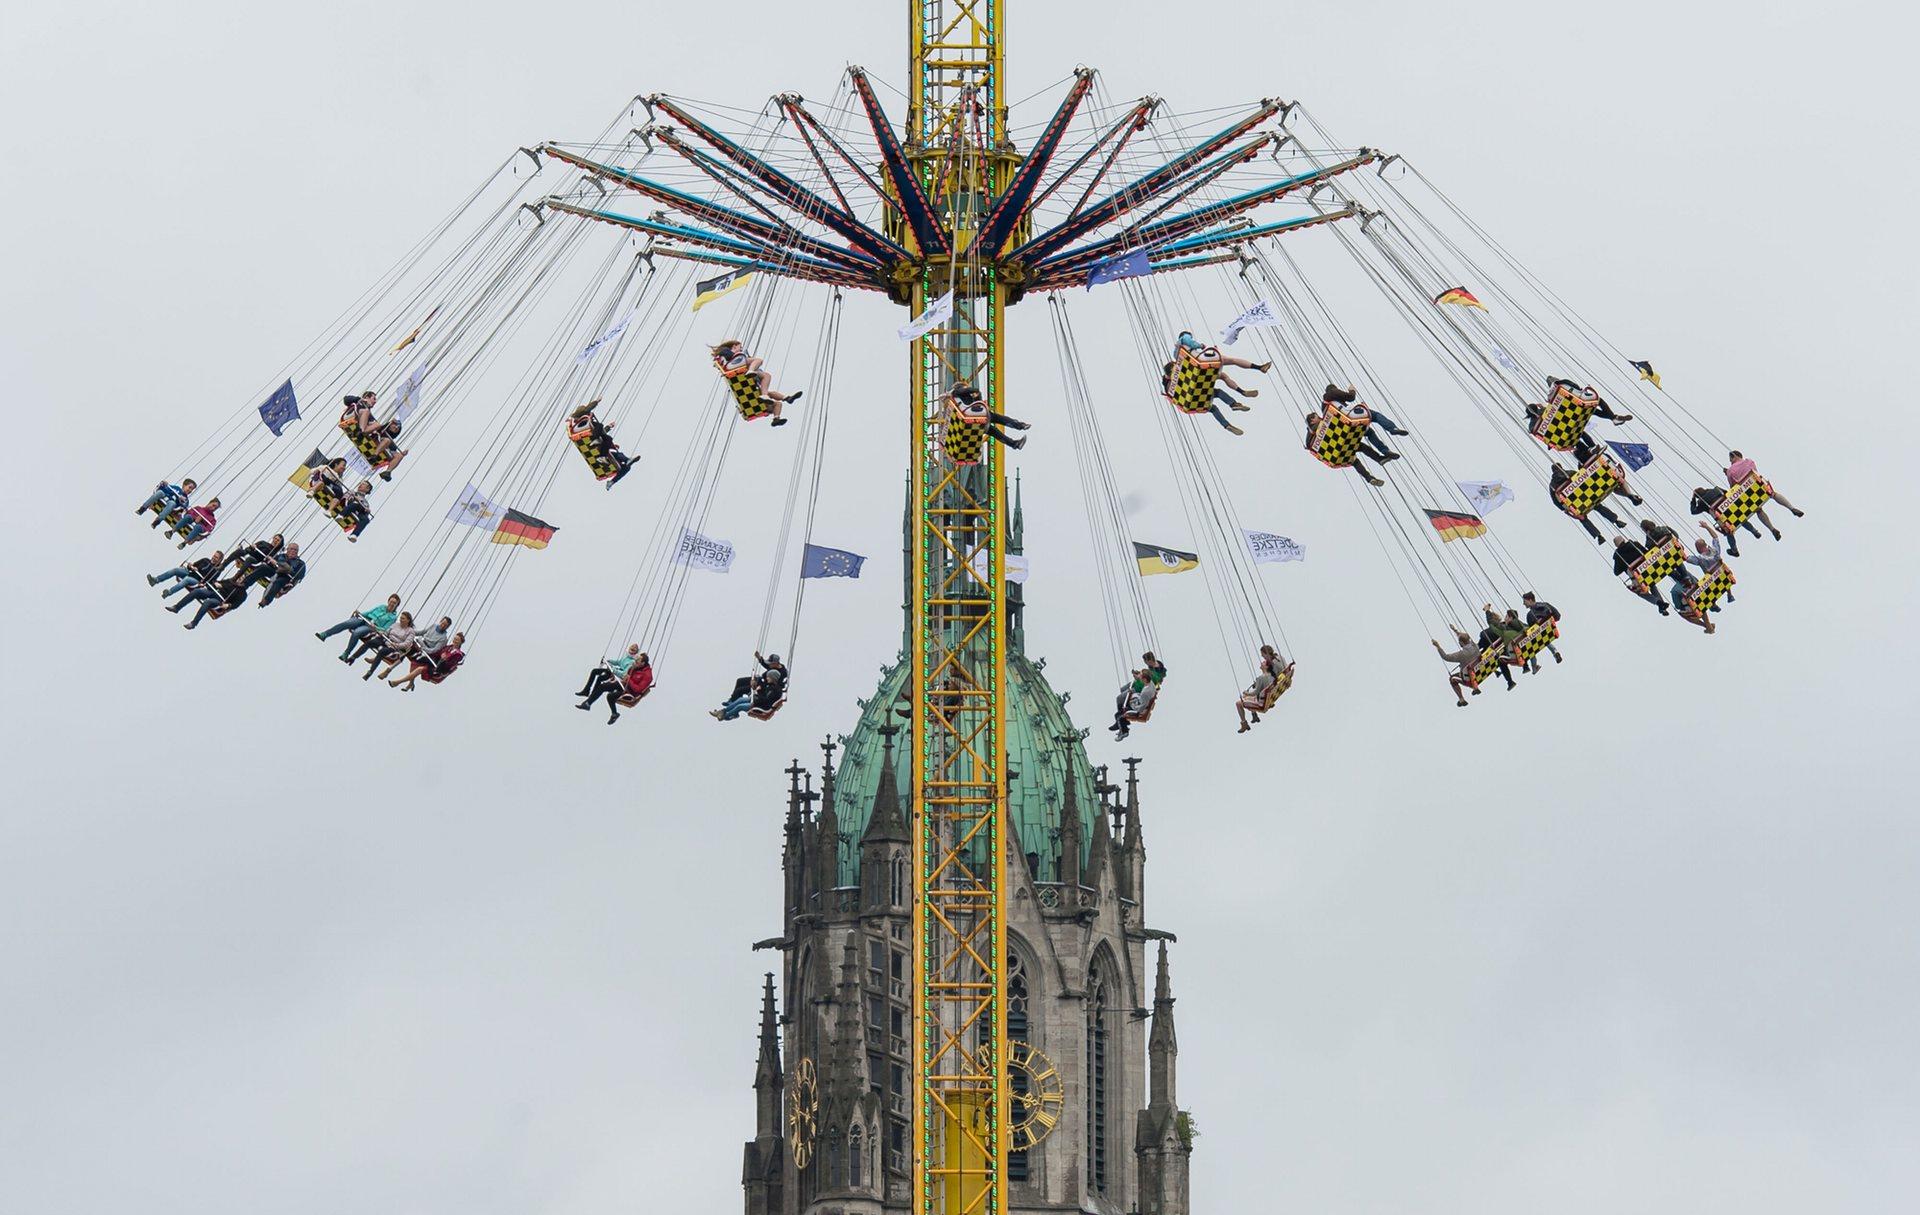 Посетители фестиваля могут прокатиться на аттракционах. Фото: Joerg Koch/Getty Images